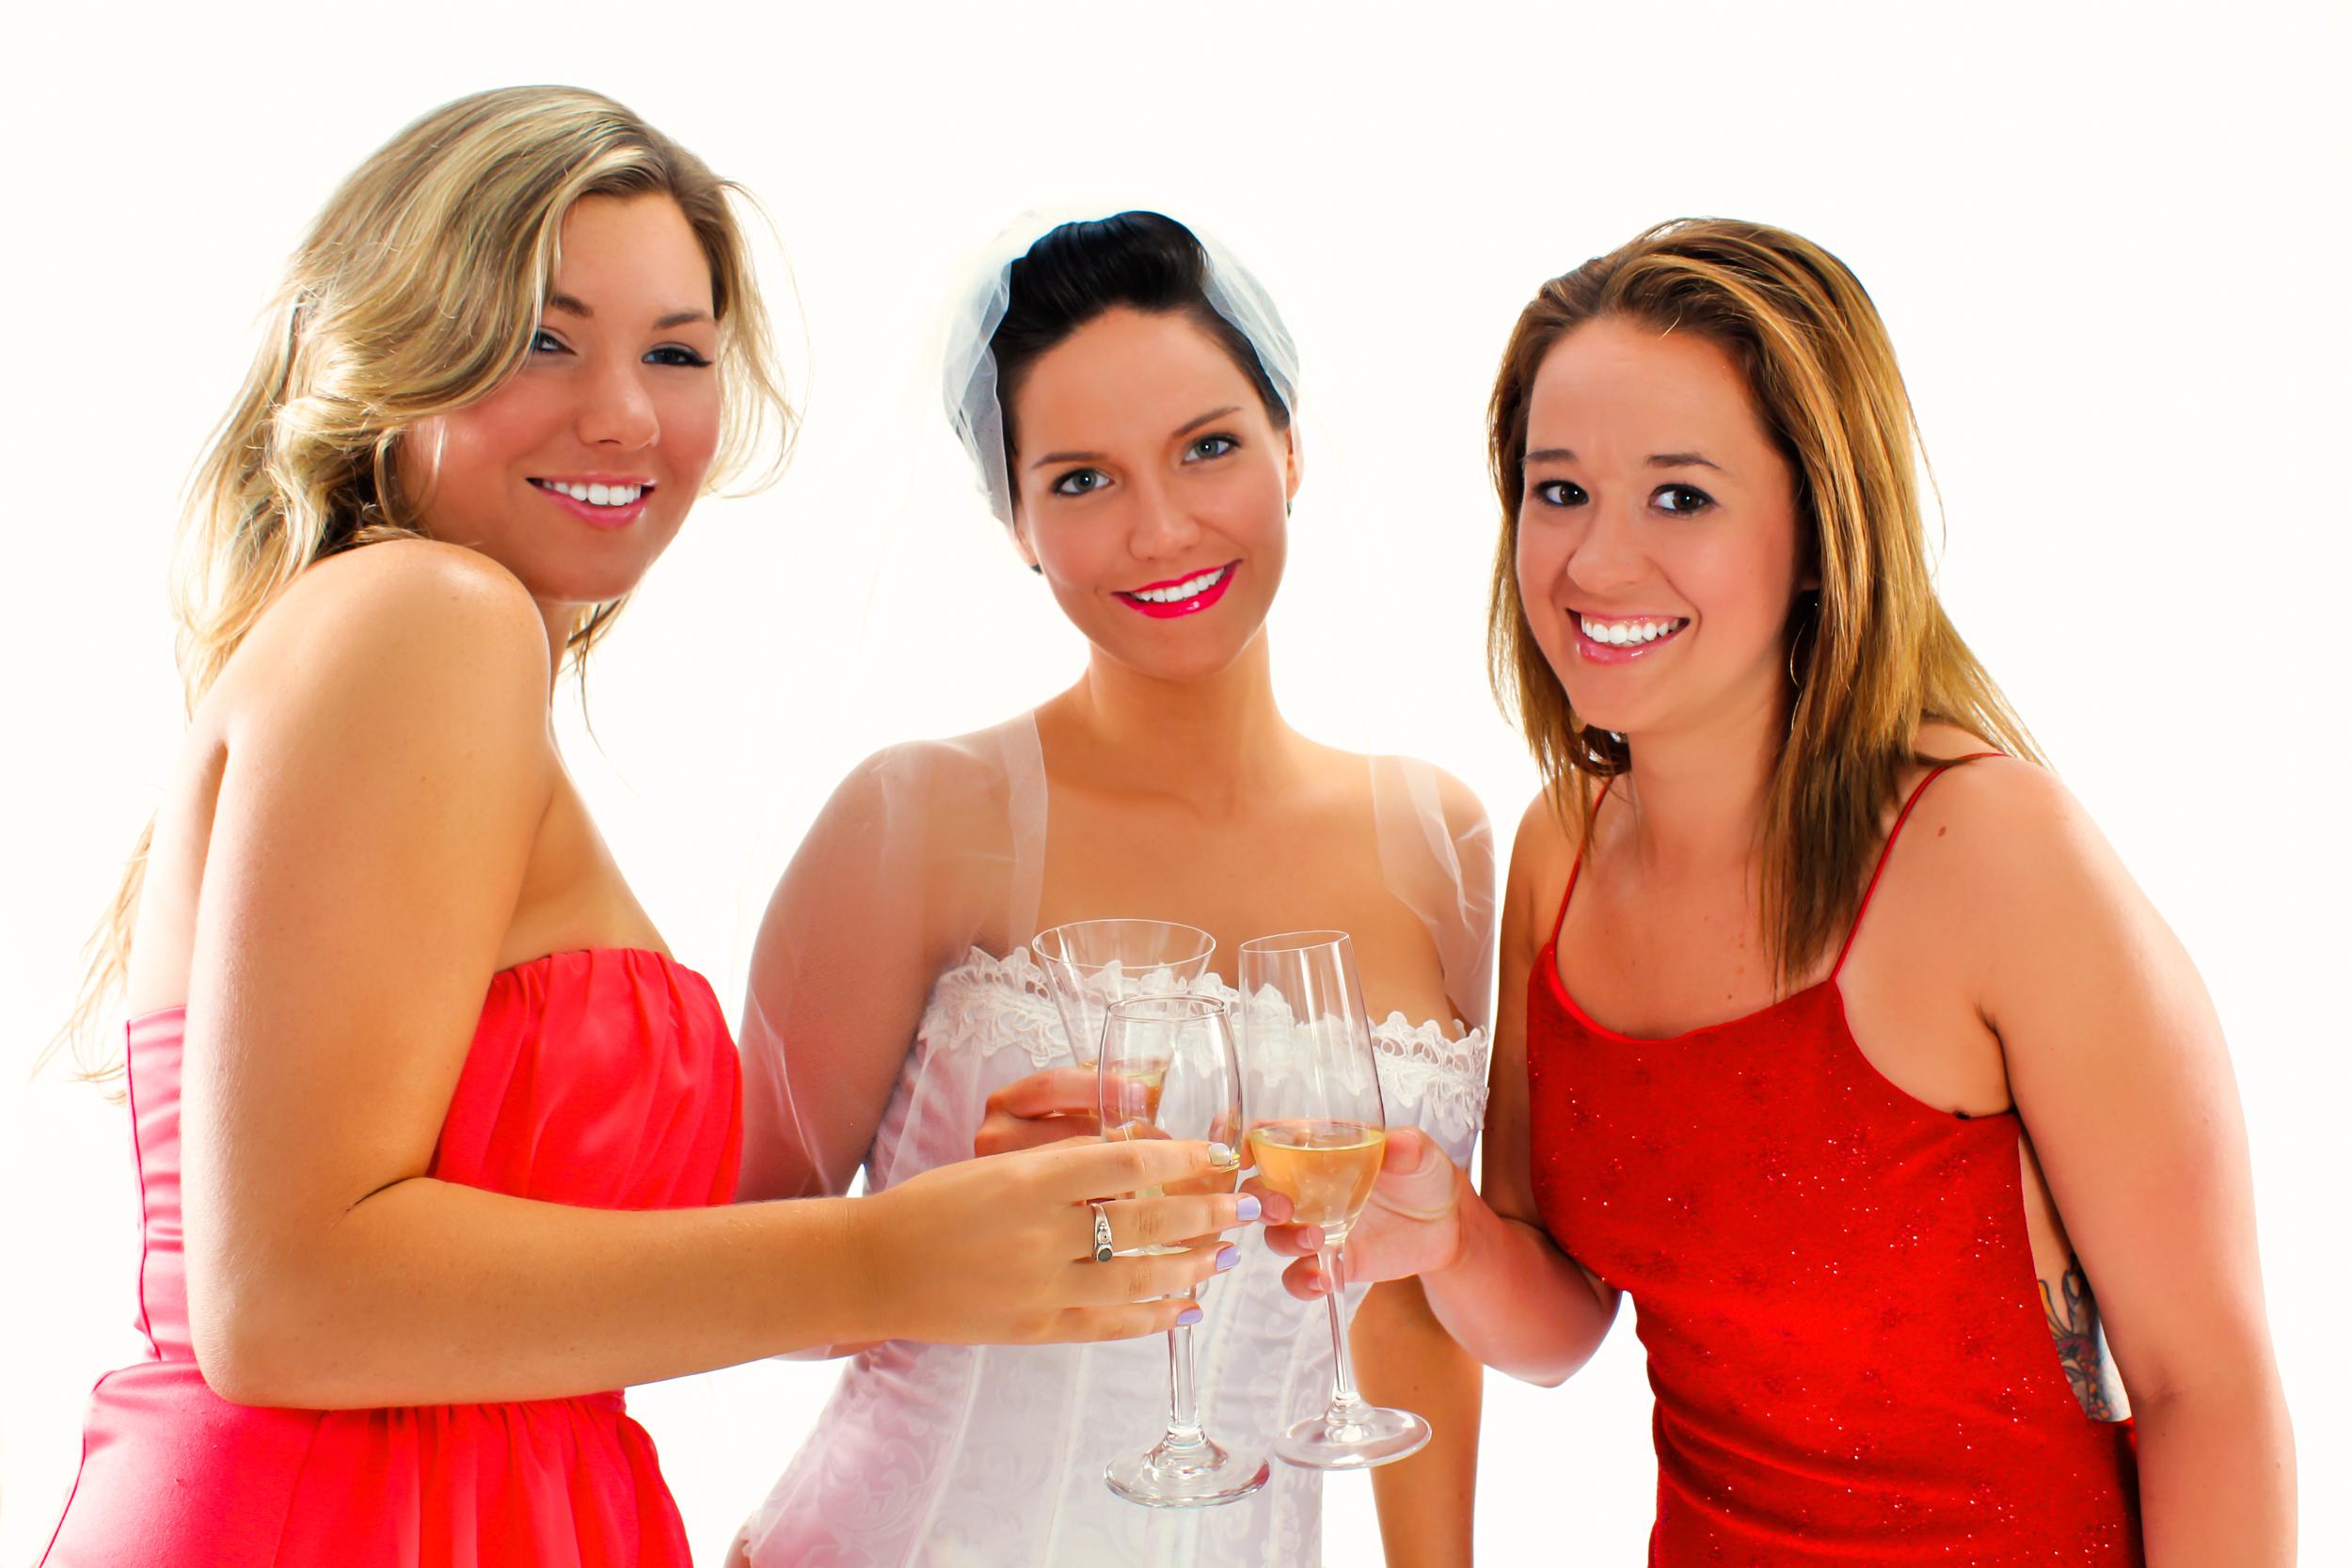 wedding-spray-tan-miami-beach-miami-glow-tanning